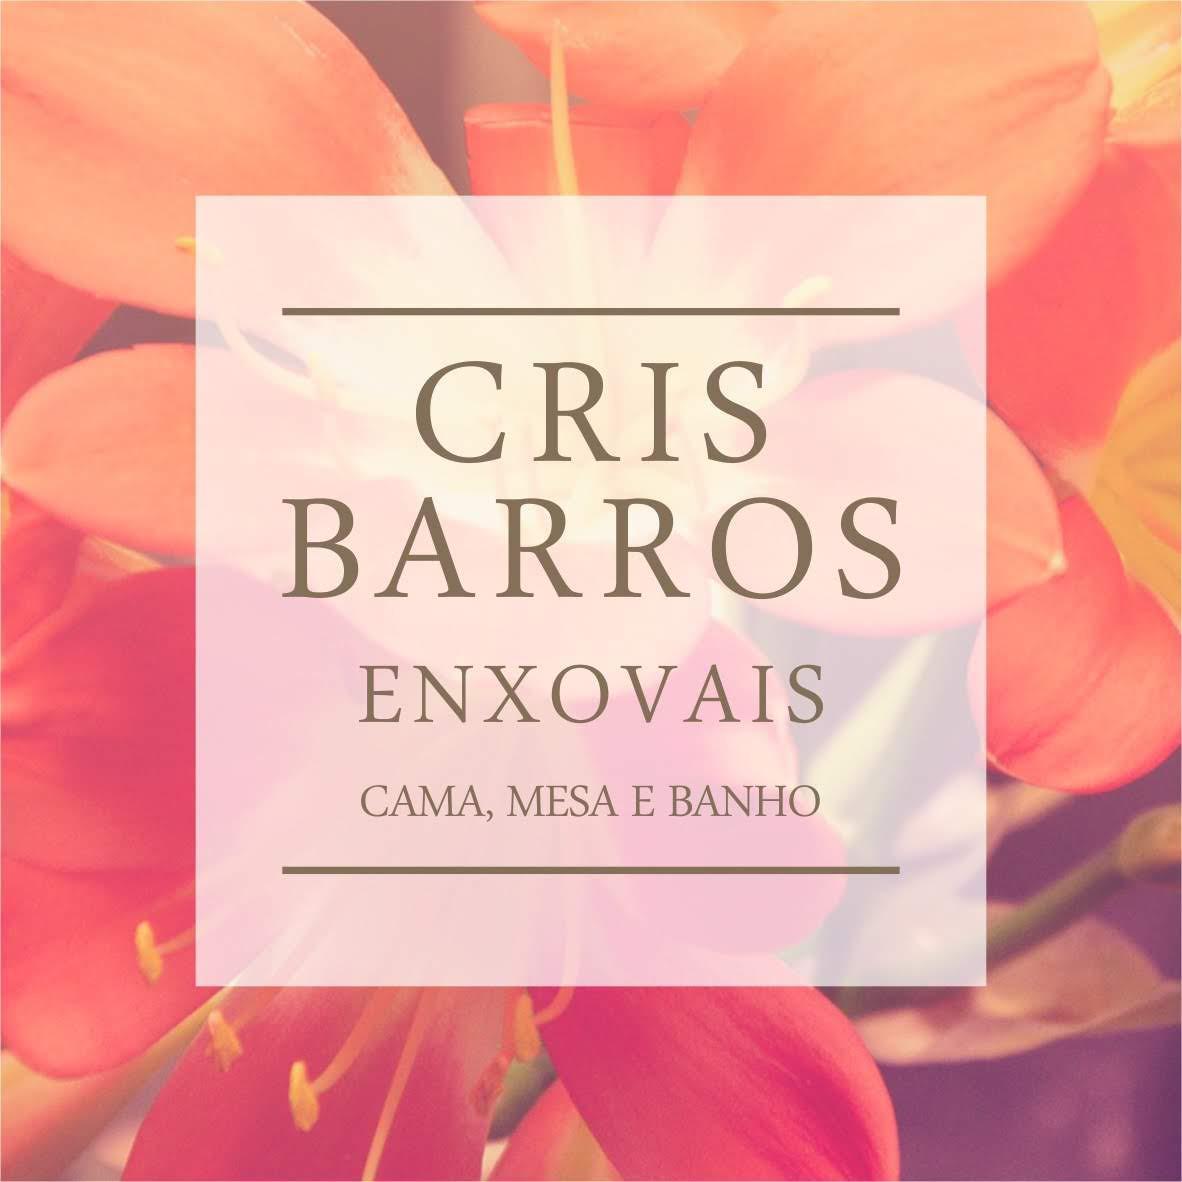 Cris Barros Enxovais